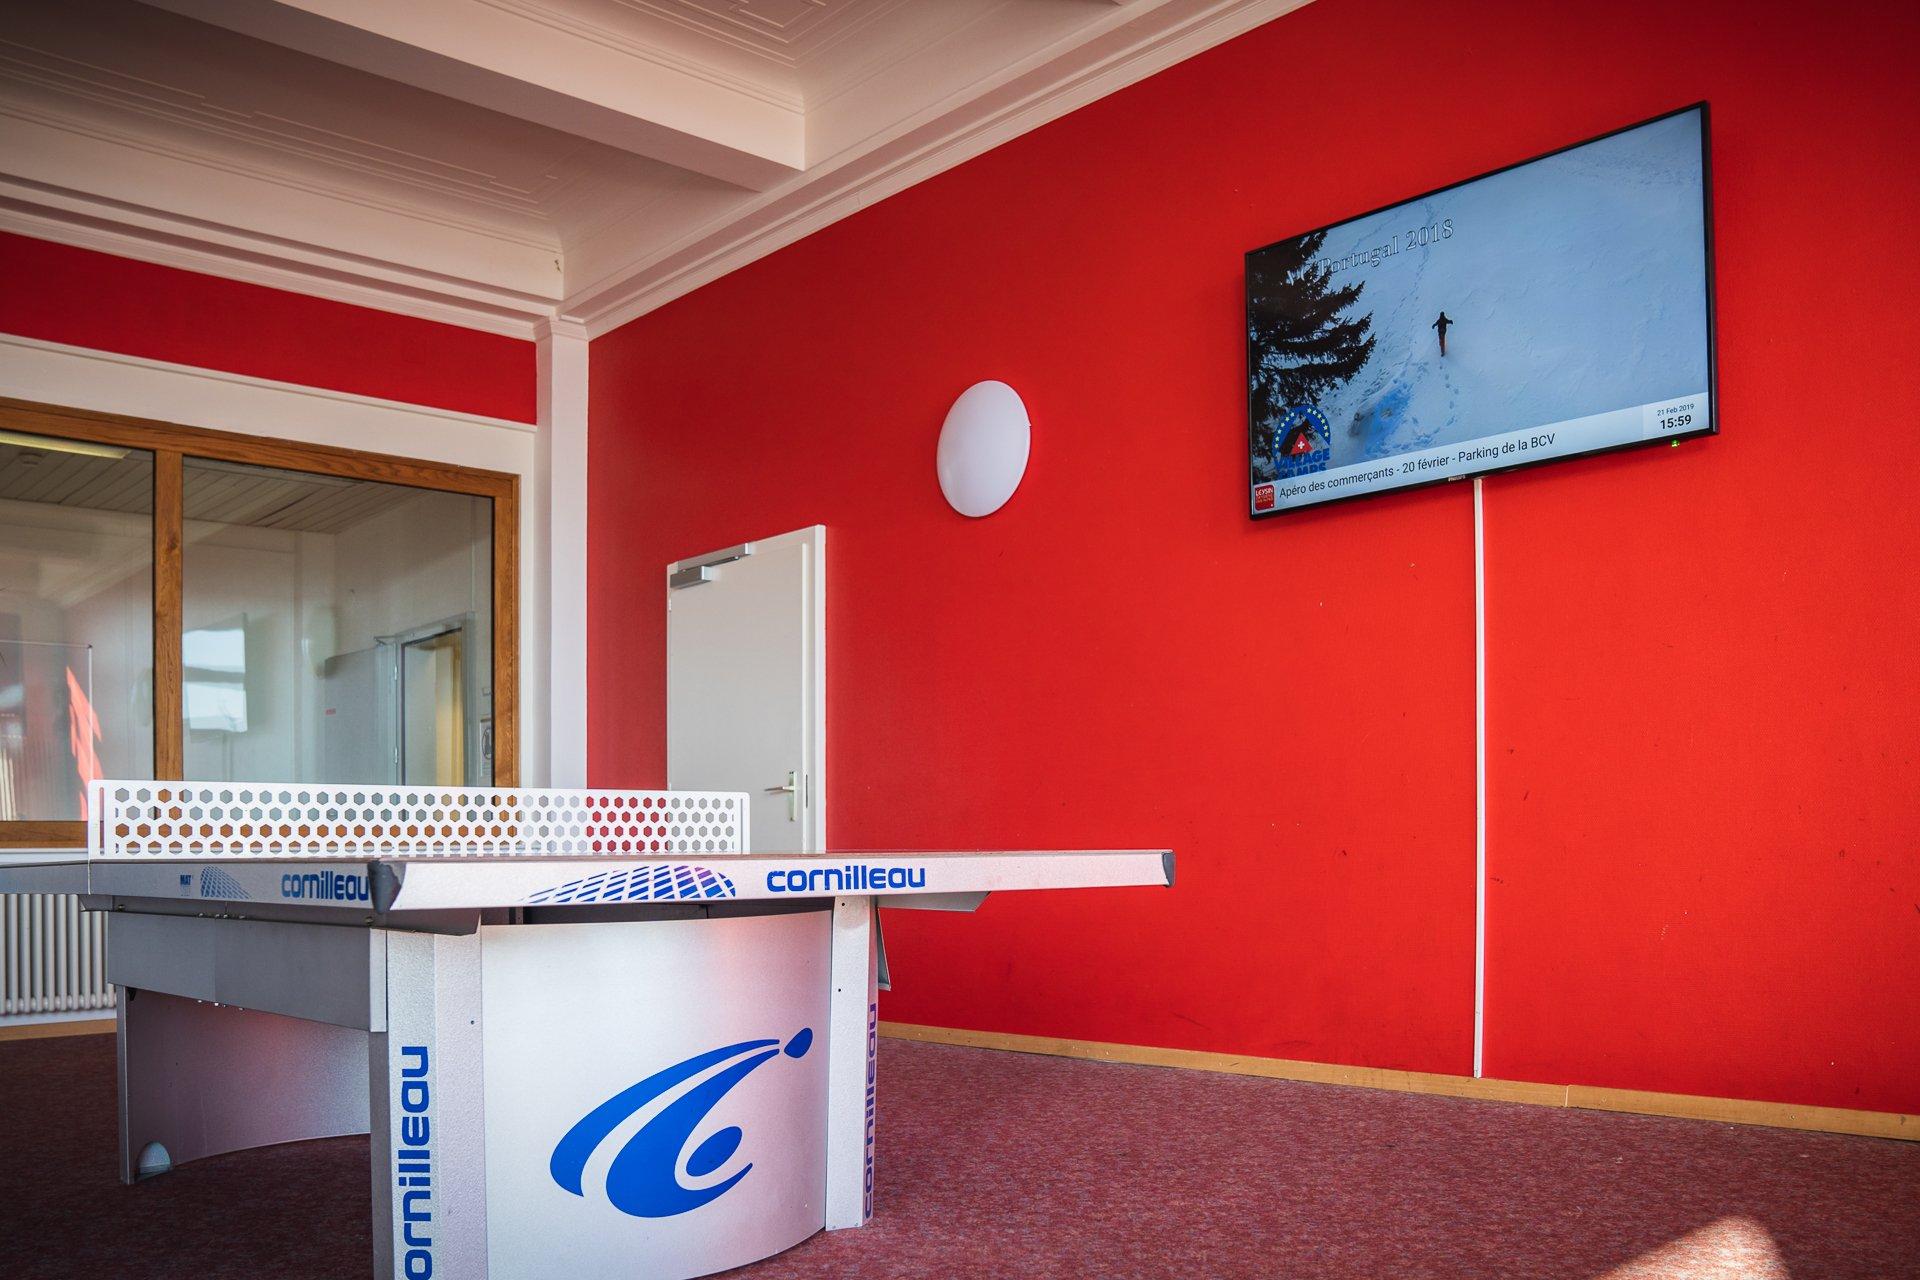 Ecran avec digital signage pour camps de vacance. Réseau d'affichage pour région touristique par Pixium.